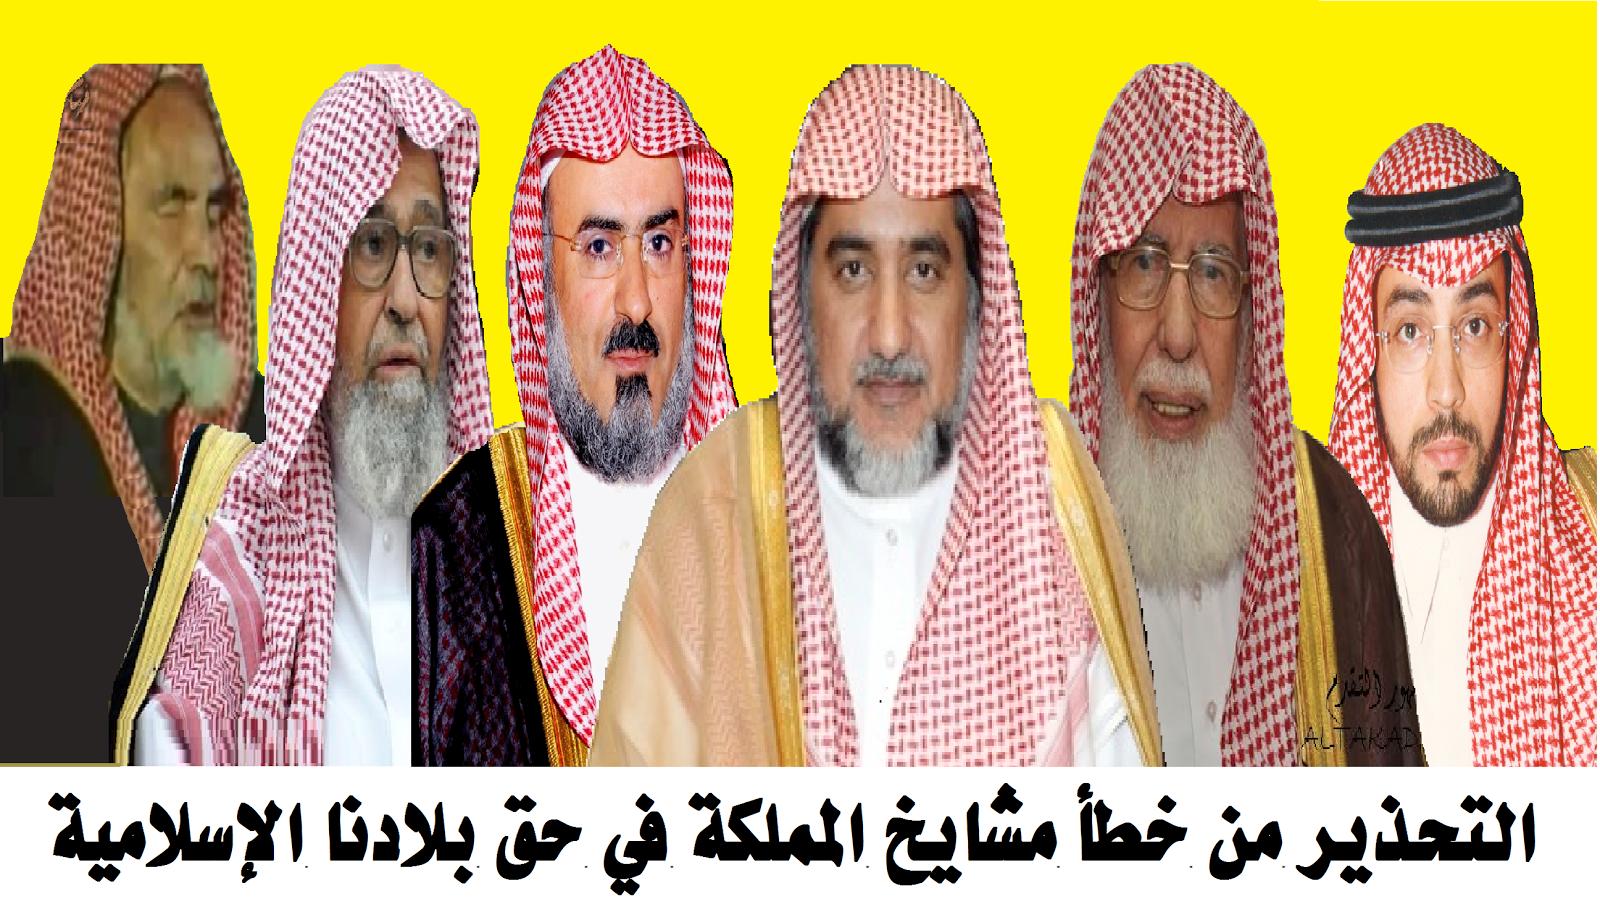 التحذير من خطأ مشايخ المملكة في حق بلادنا الإسلامية